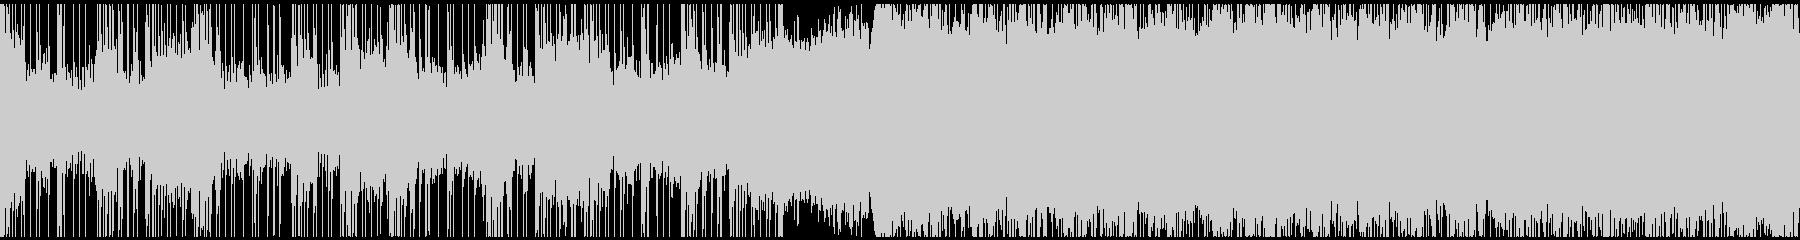 【ループ対応】重厚ストリングス メタルの未再生の波形